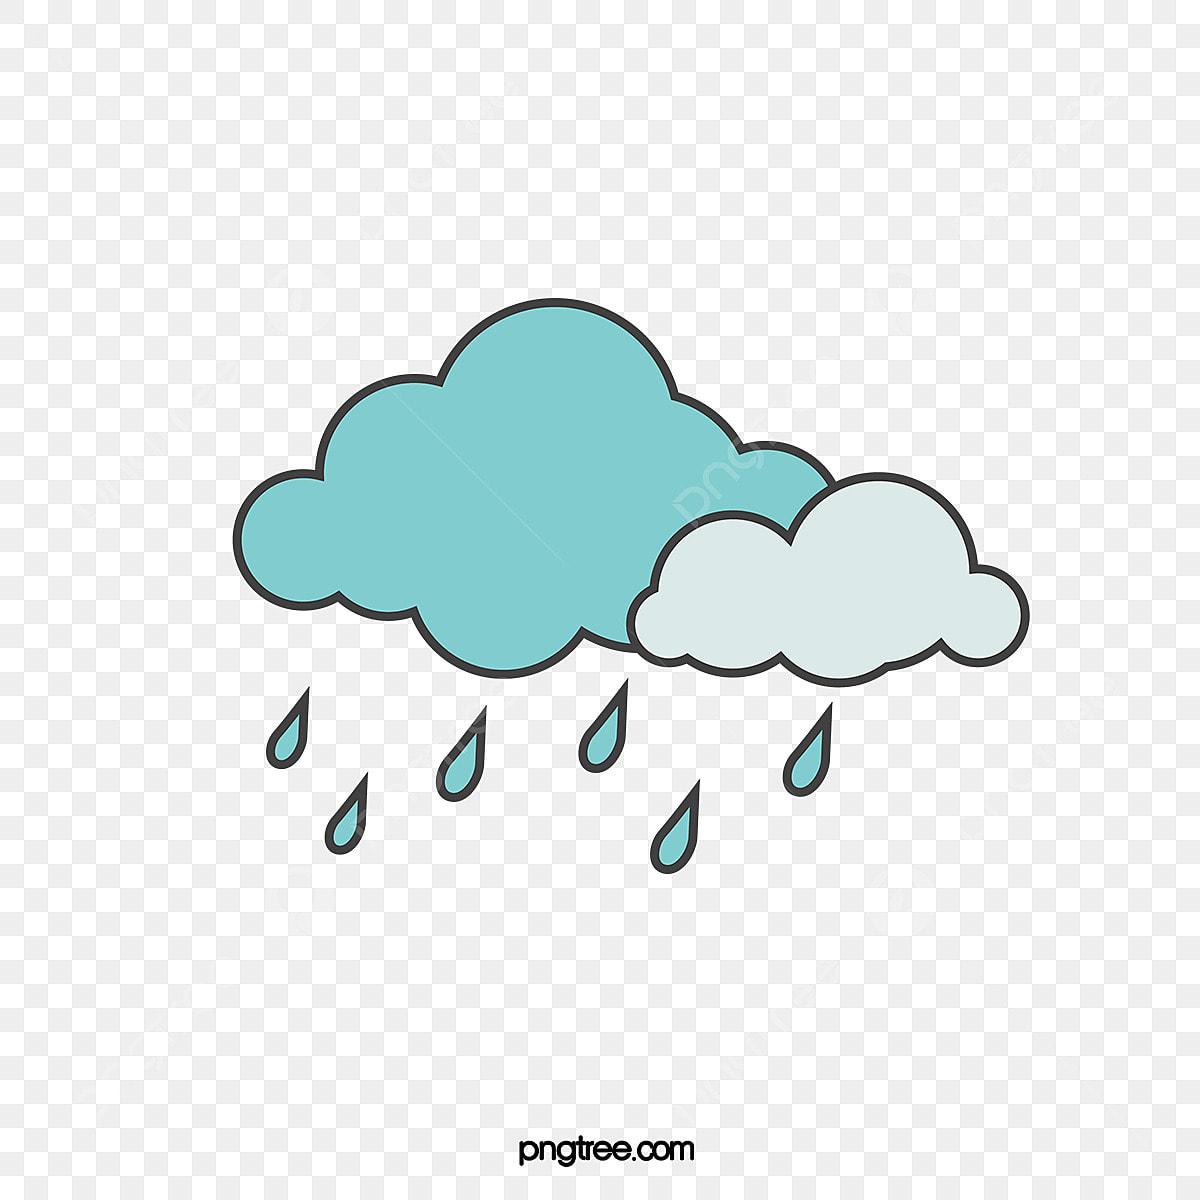 كرتون المطر كرتون قصاصات فنية مقطع المطر رسمت باليد Png والمتجهات للتحميل مجانا